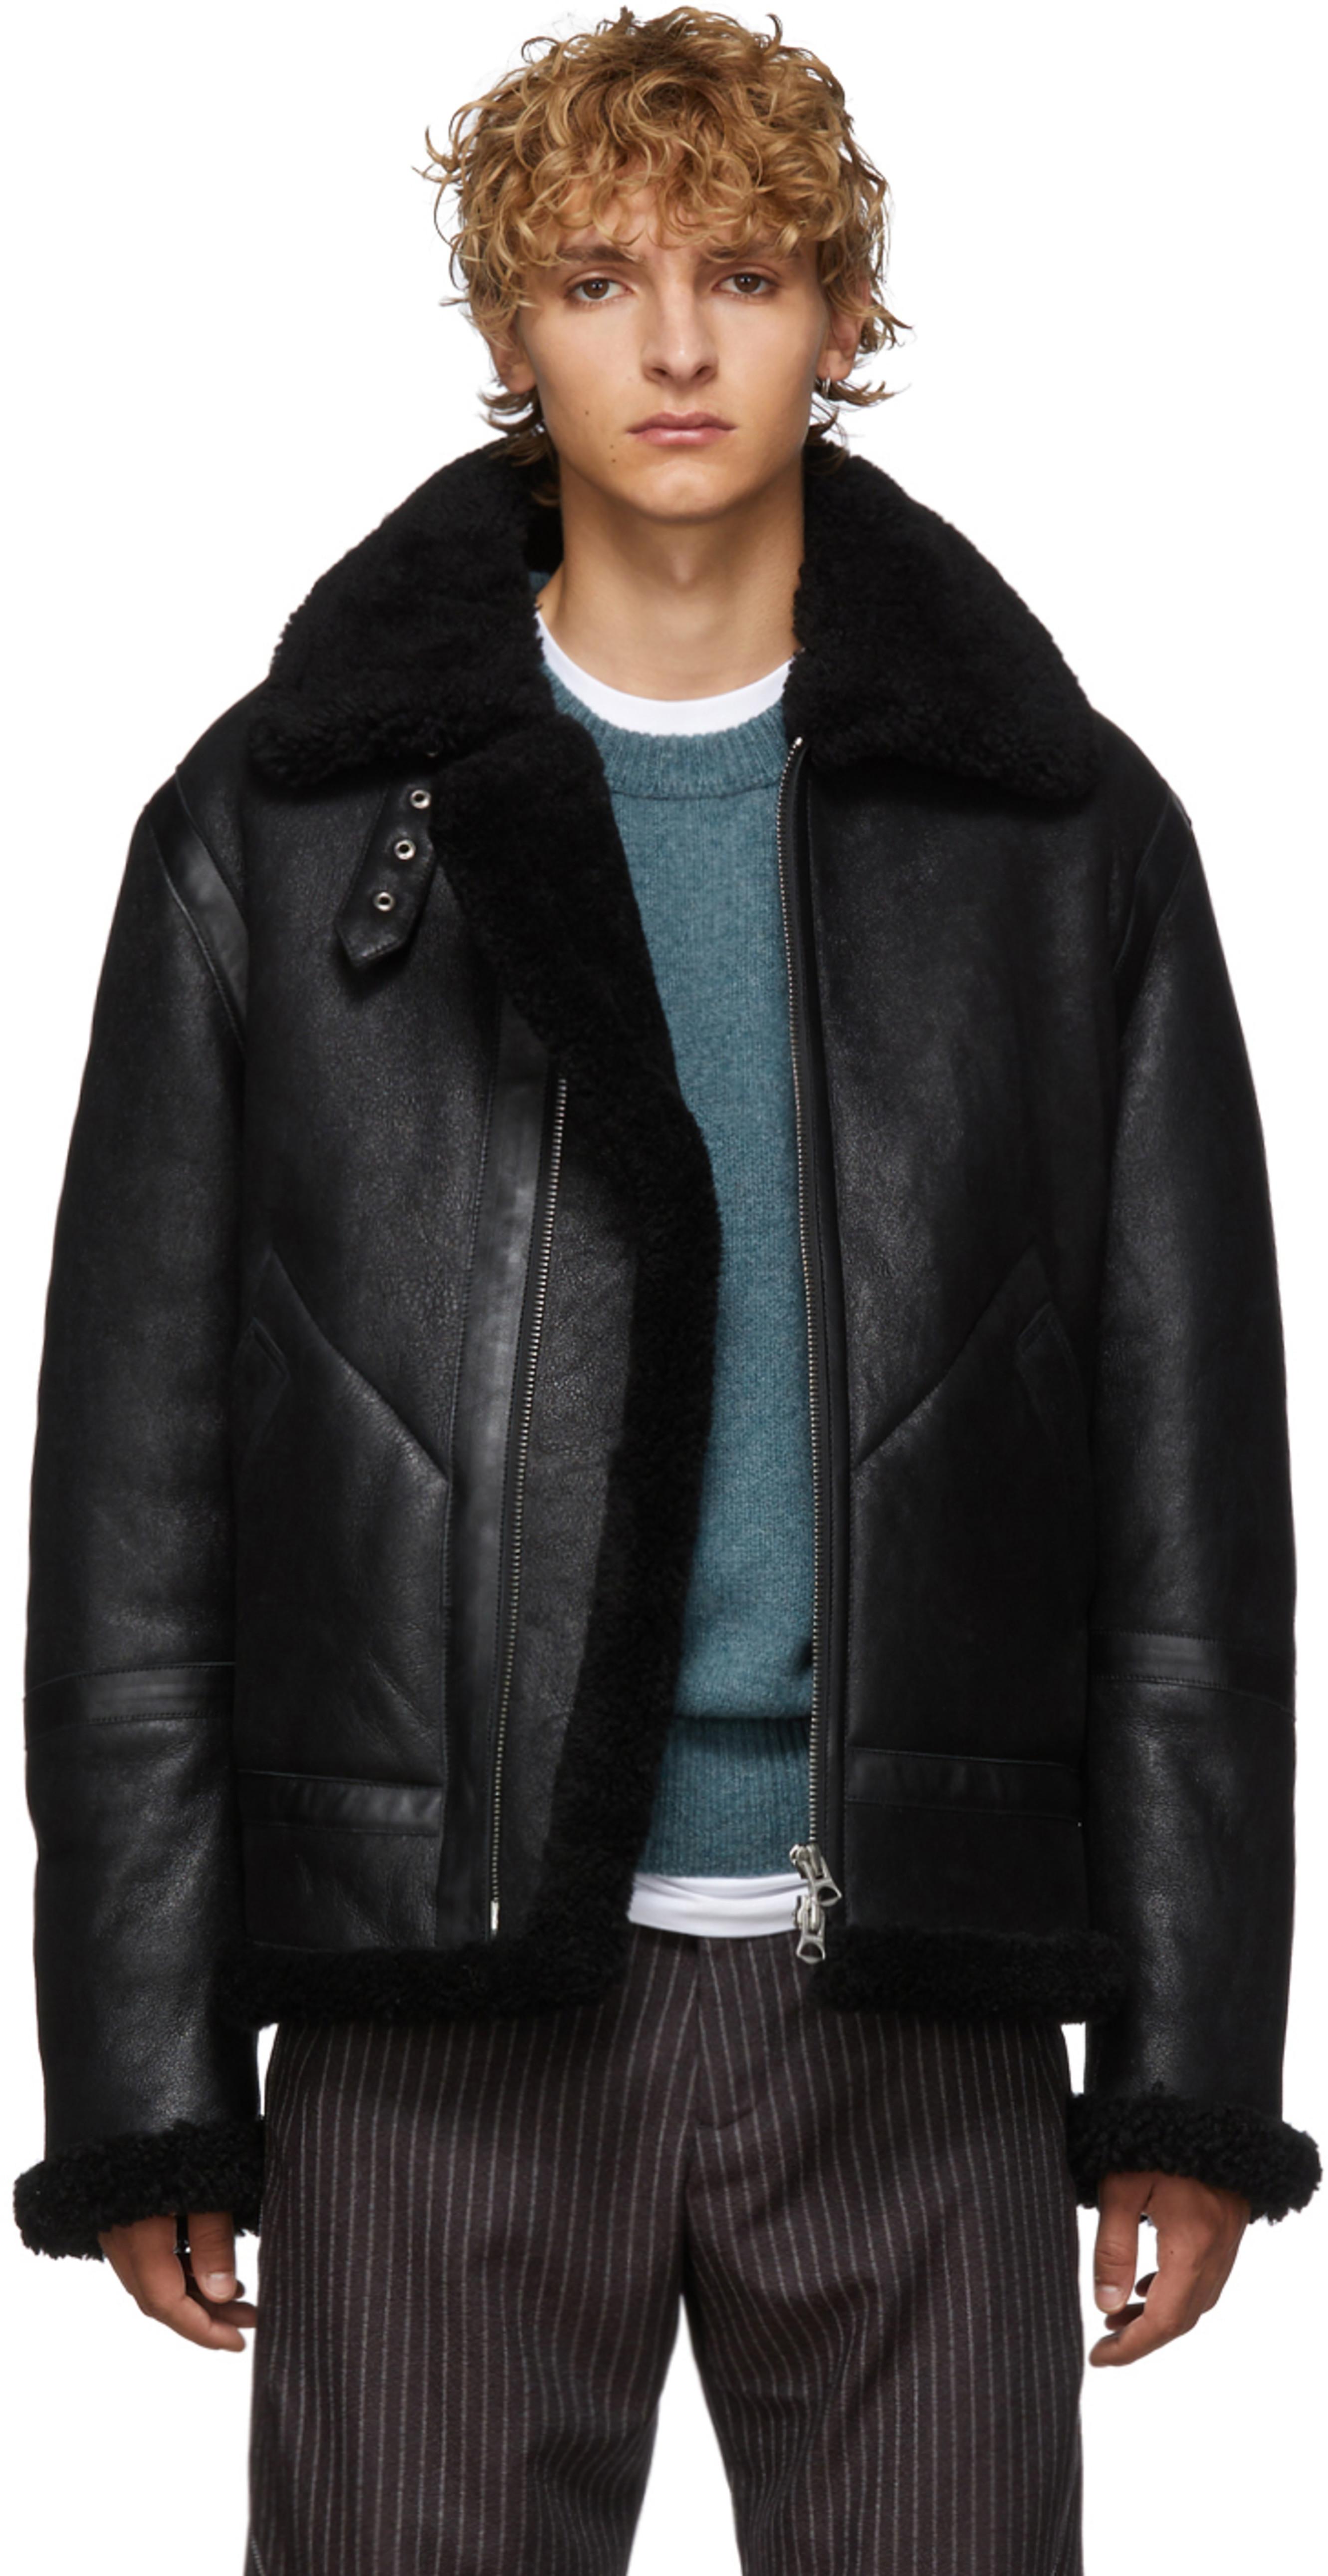 1c5b42de4 黑色 Ian 剪羊毛夹克